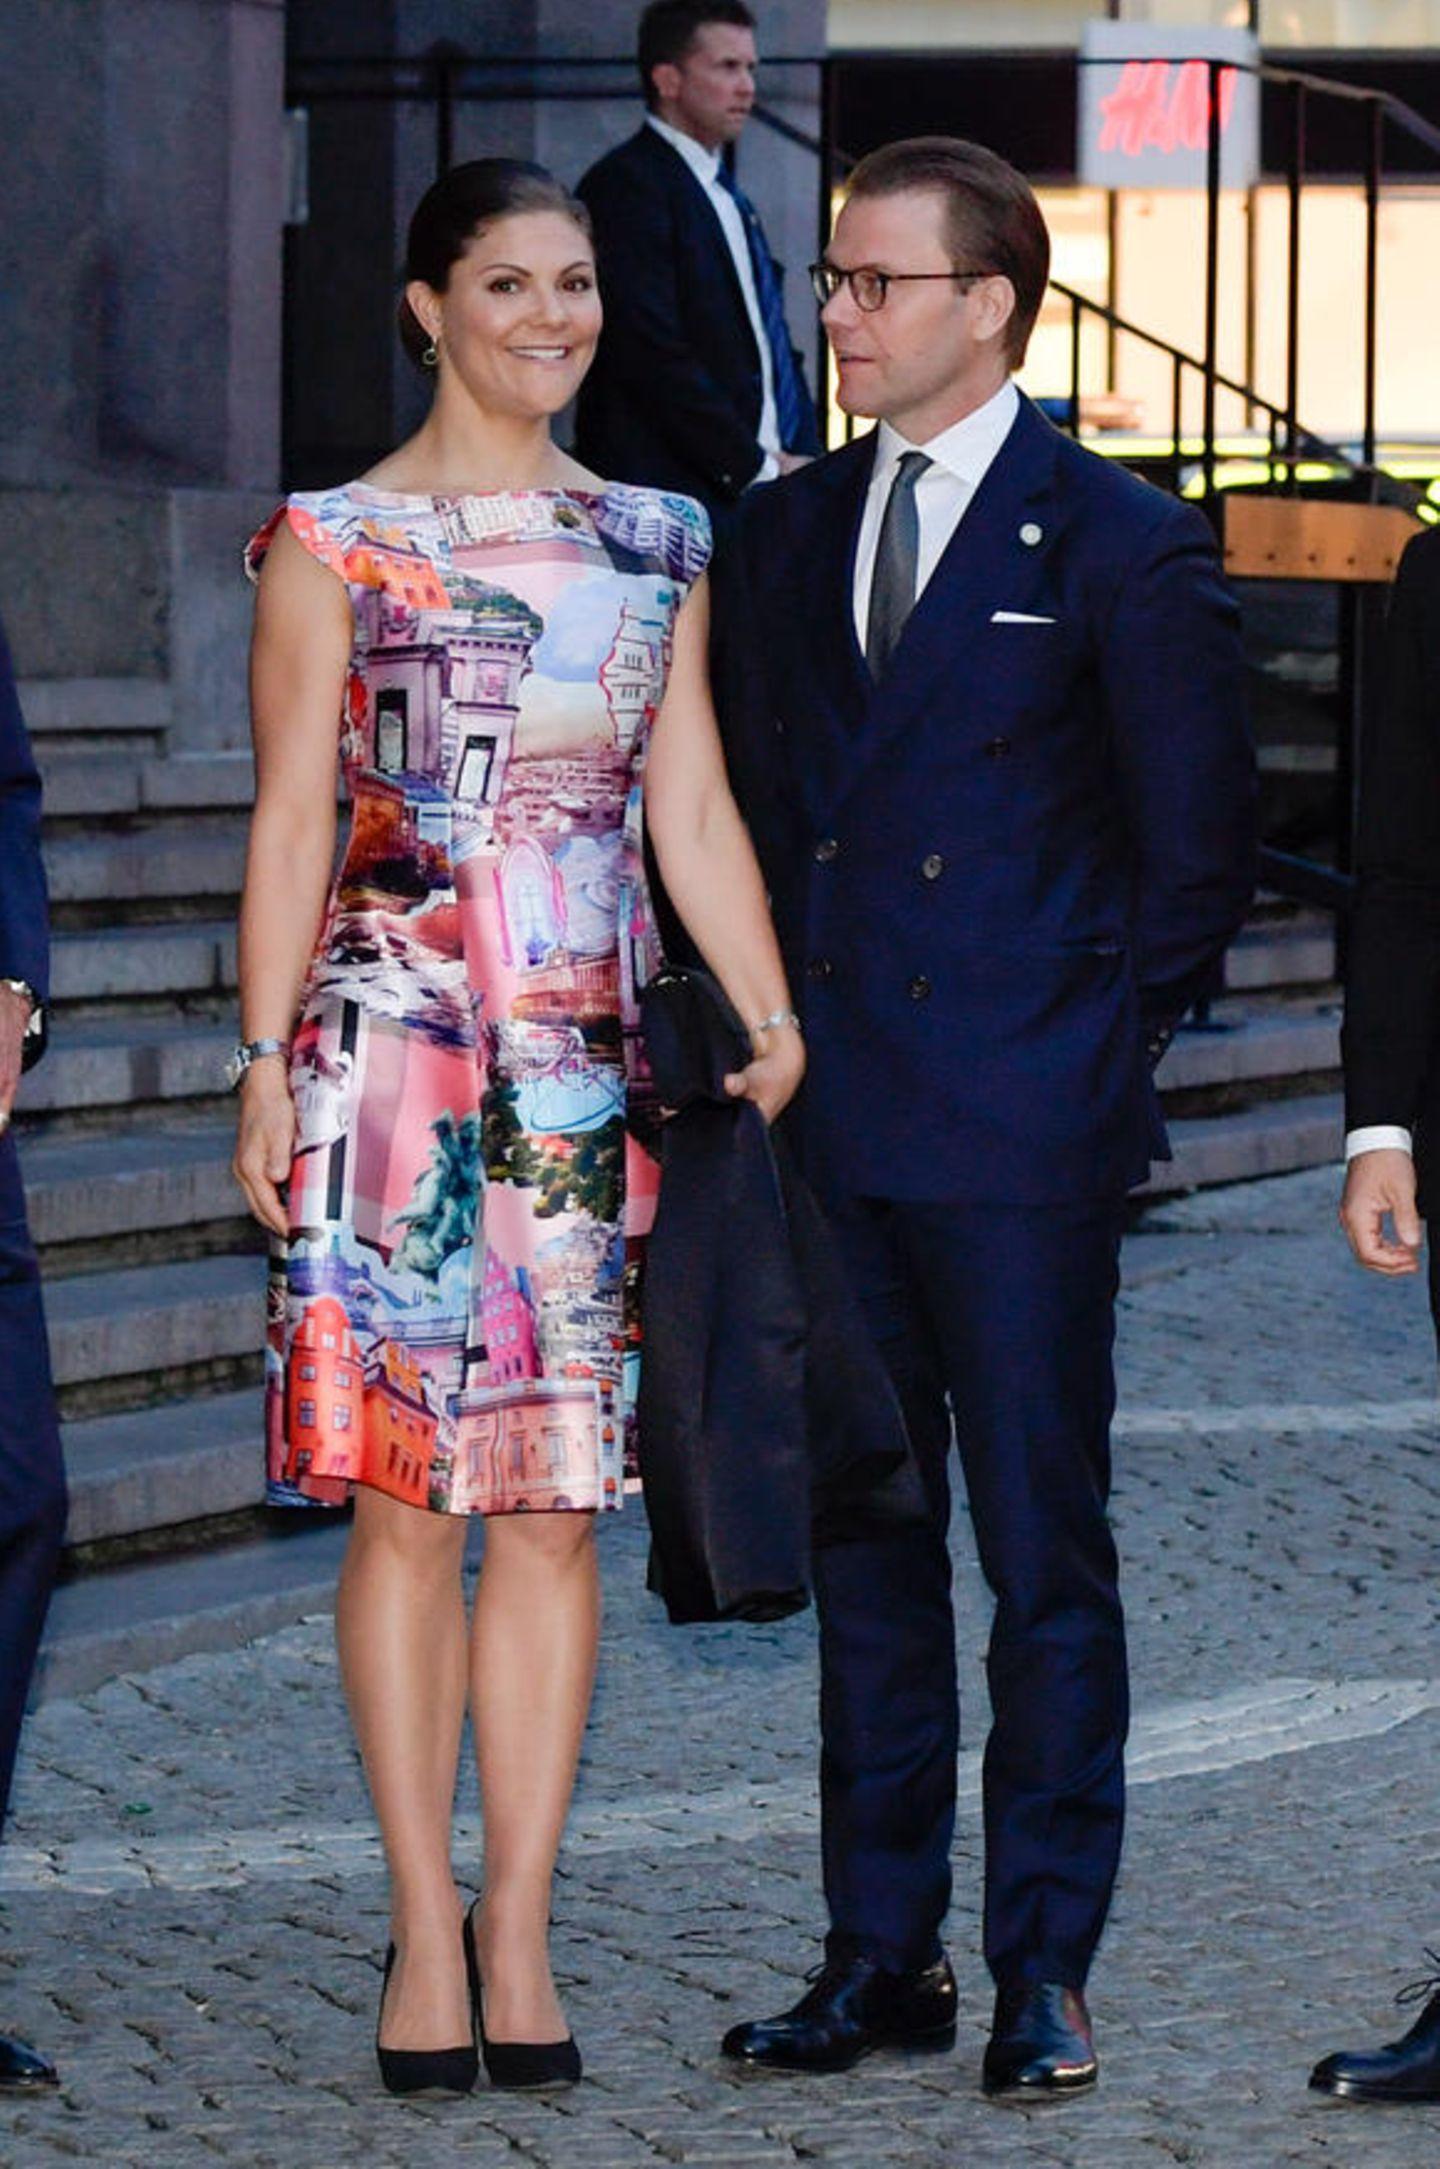 Prinzessin Victoria kann sich glücklich schätzen. Sie hat ihren Mann, Prinz Daniel, die ganze Zeit an ihrer Seite. In einem seidigen Etuikleid lenkt sie allerdings alle Blicke ganz allein auf sich.